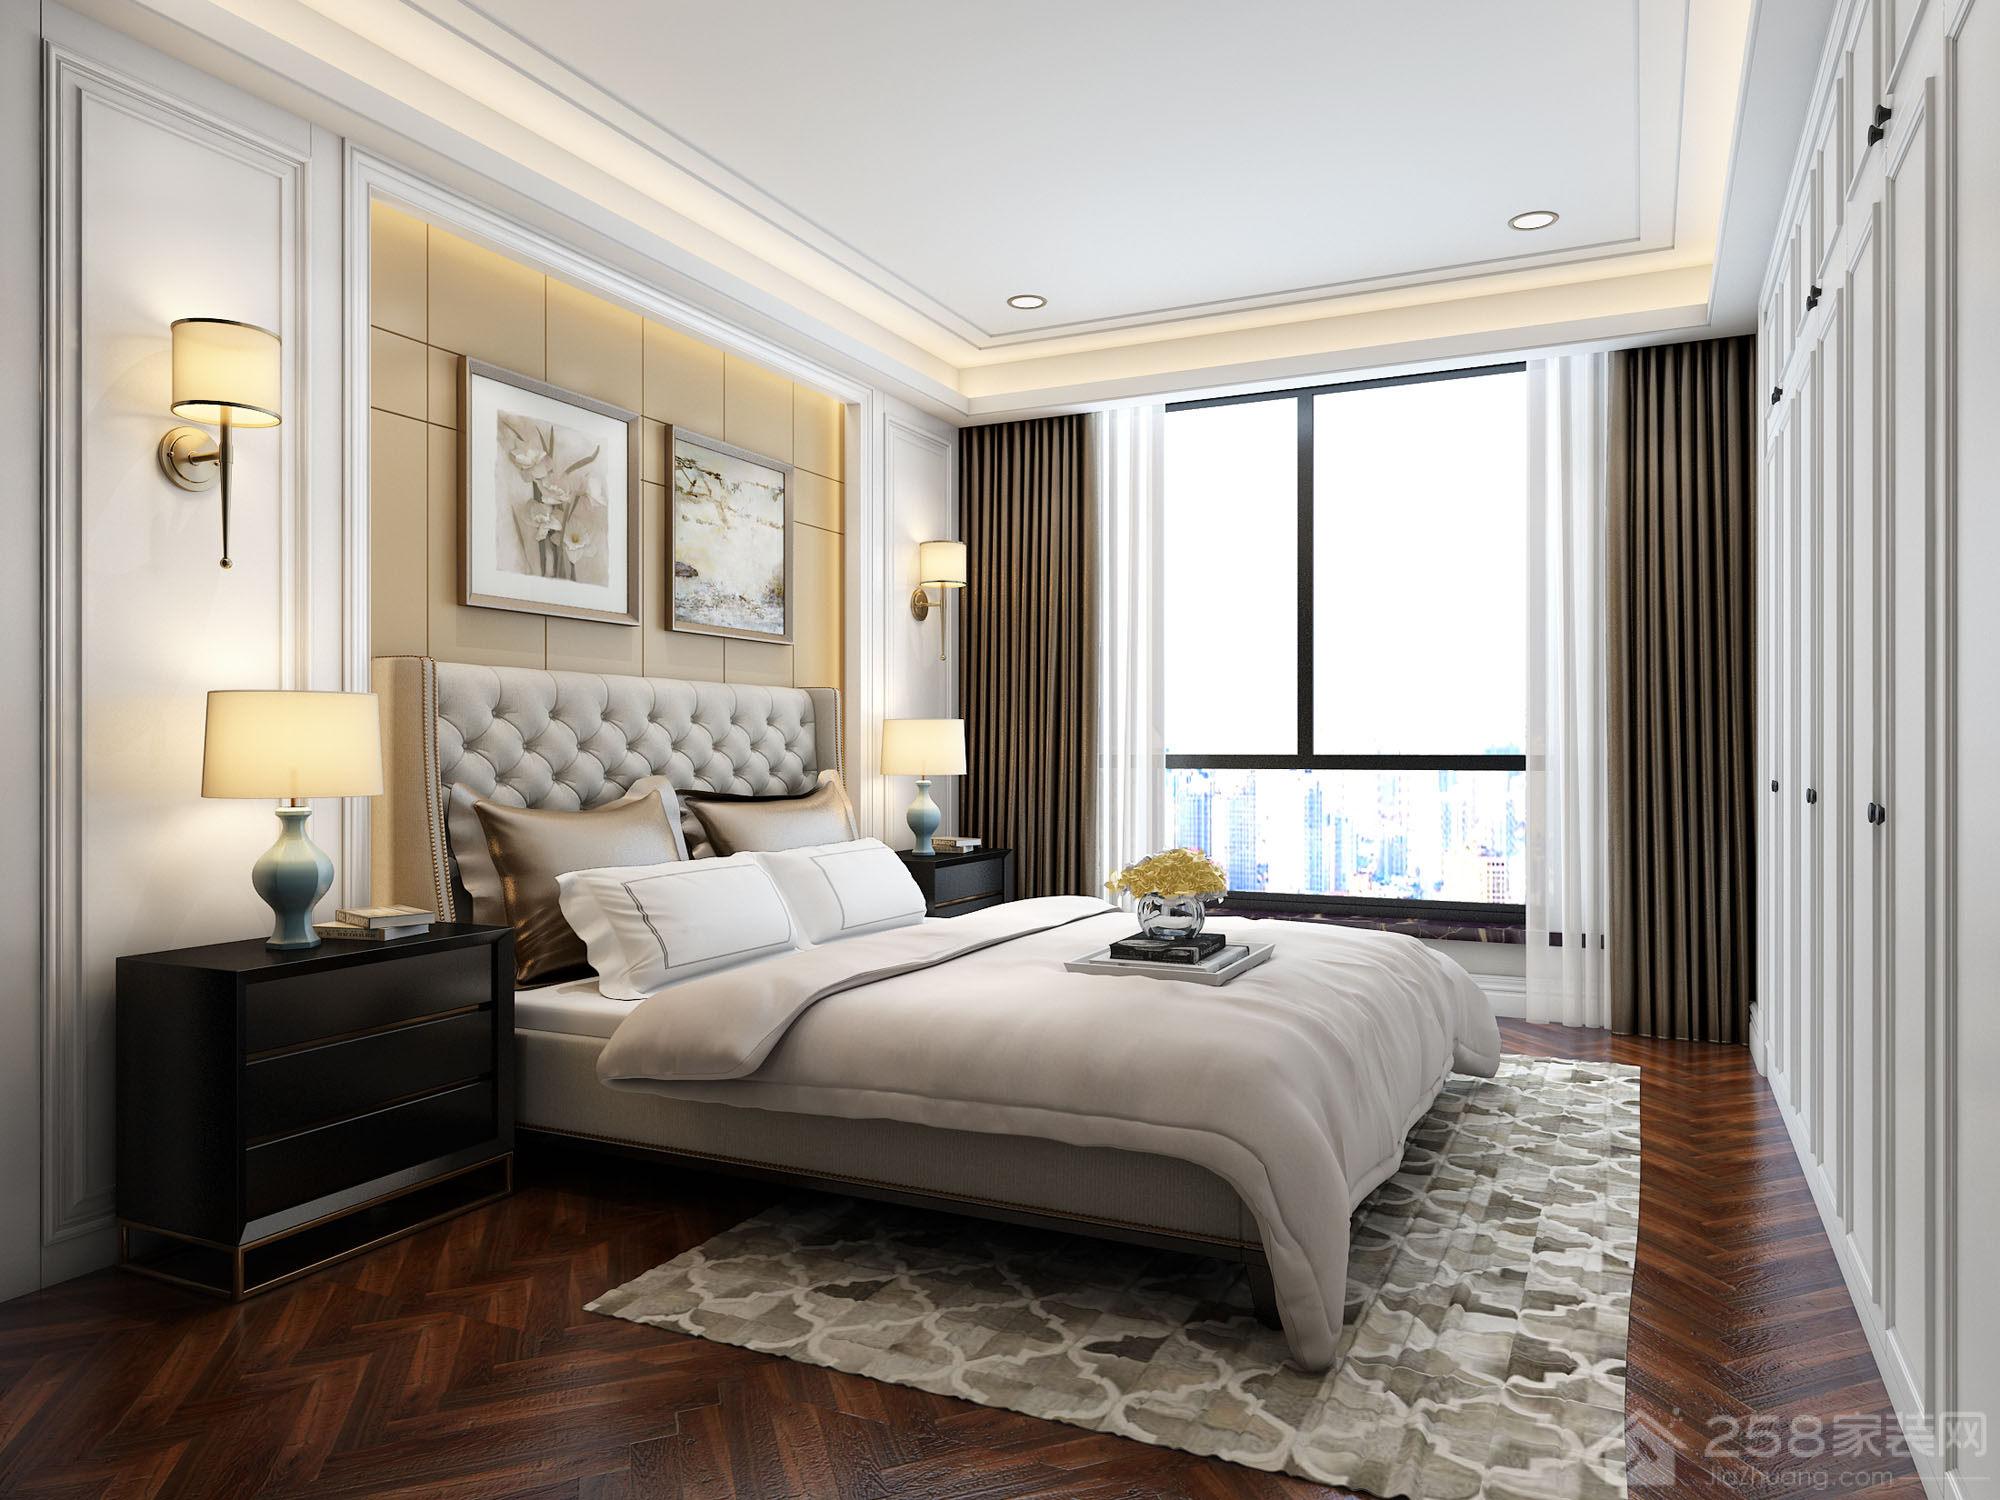 新中式风格卧室壁灯装饰图片